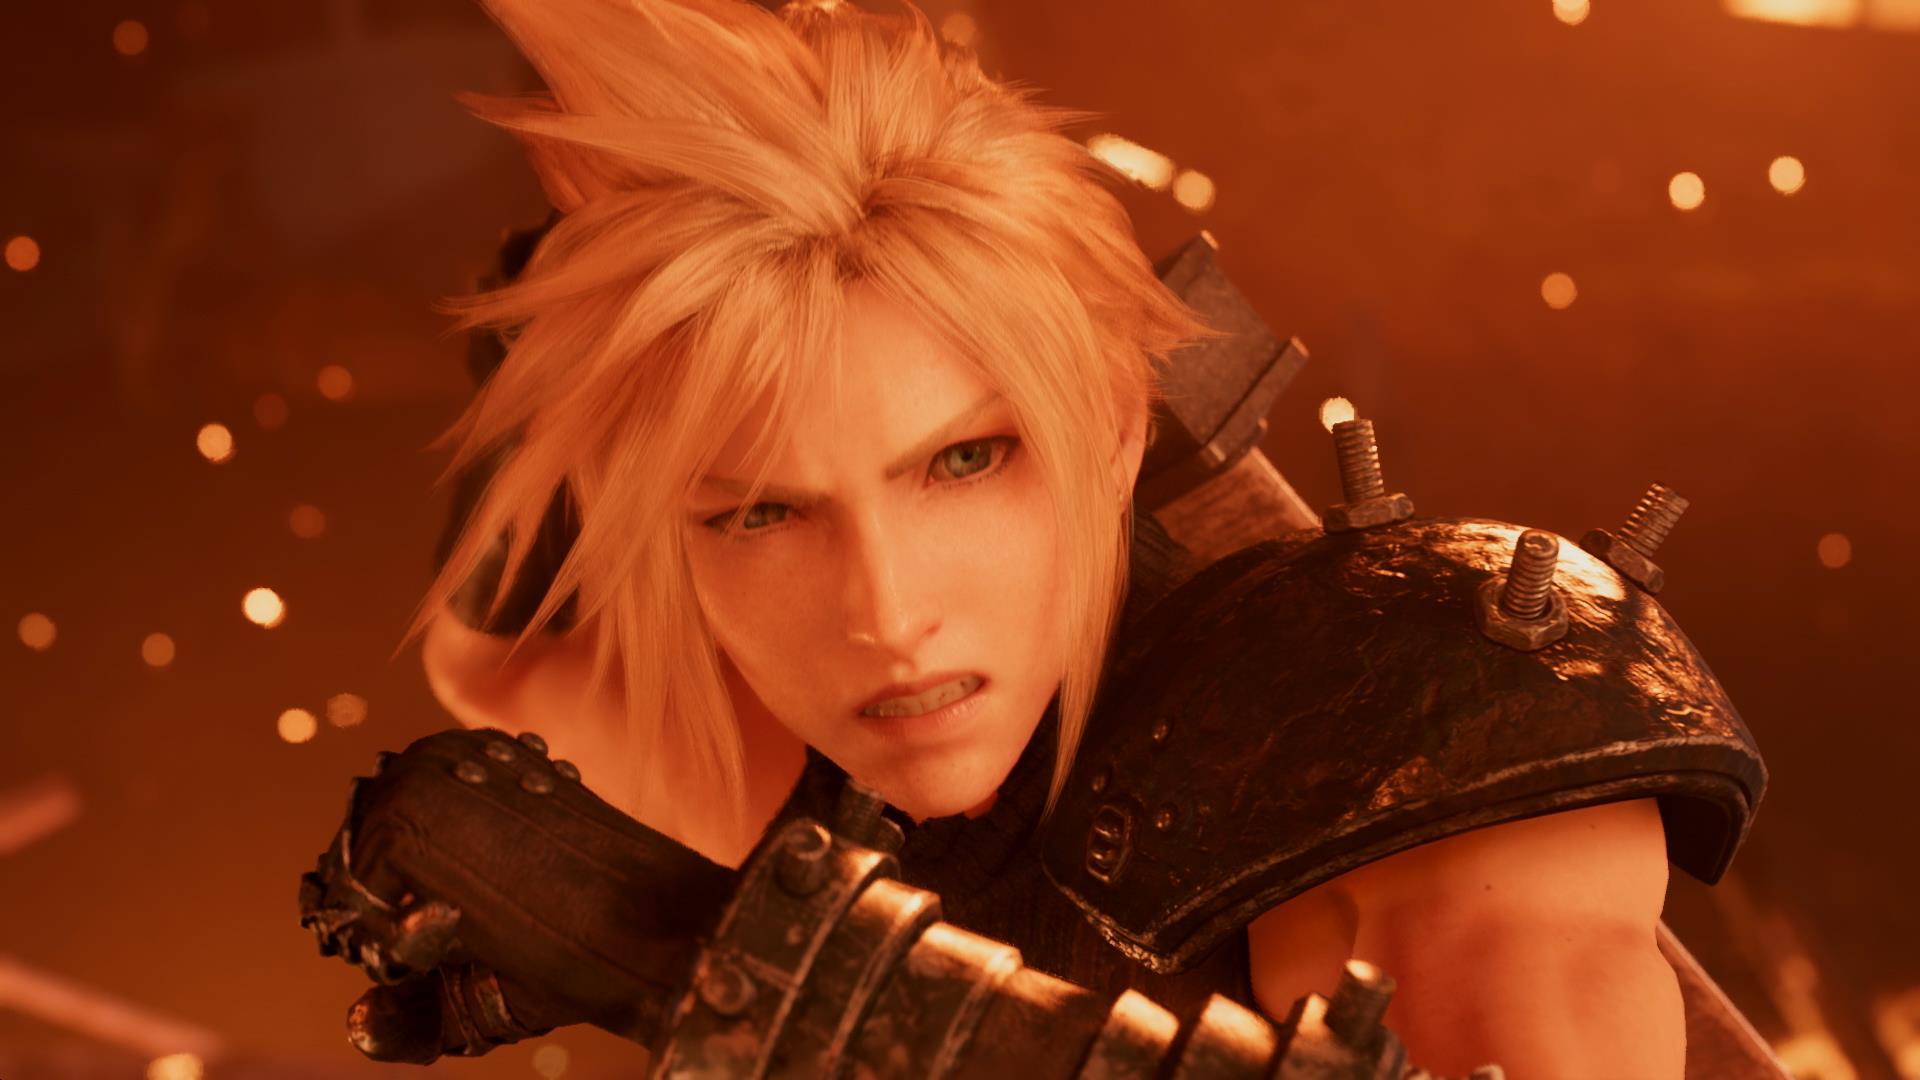 Final Fantasy 7 Remake Review Techradar